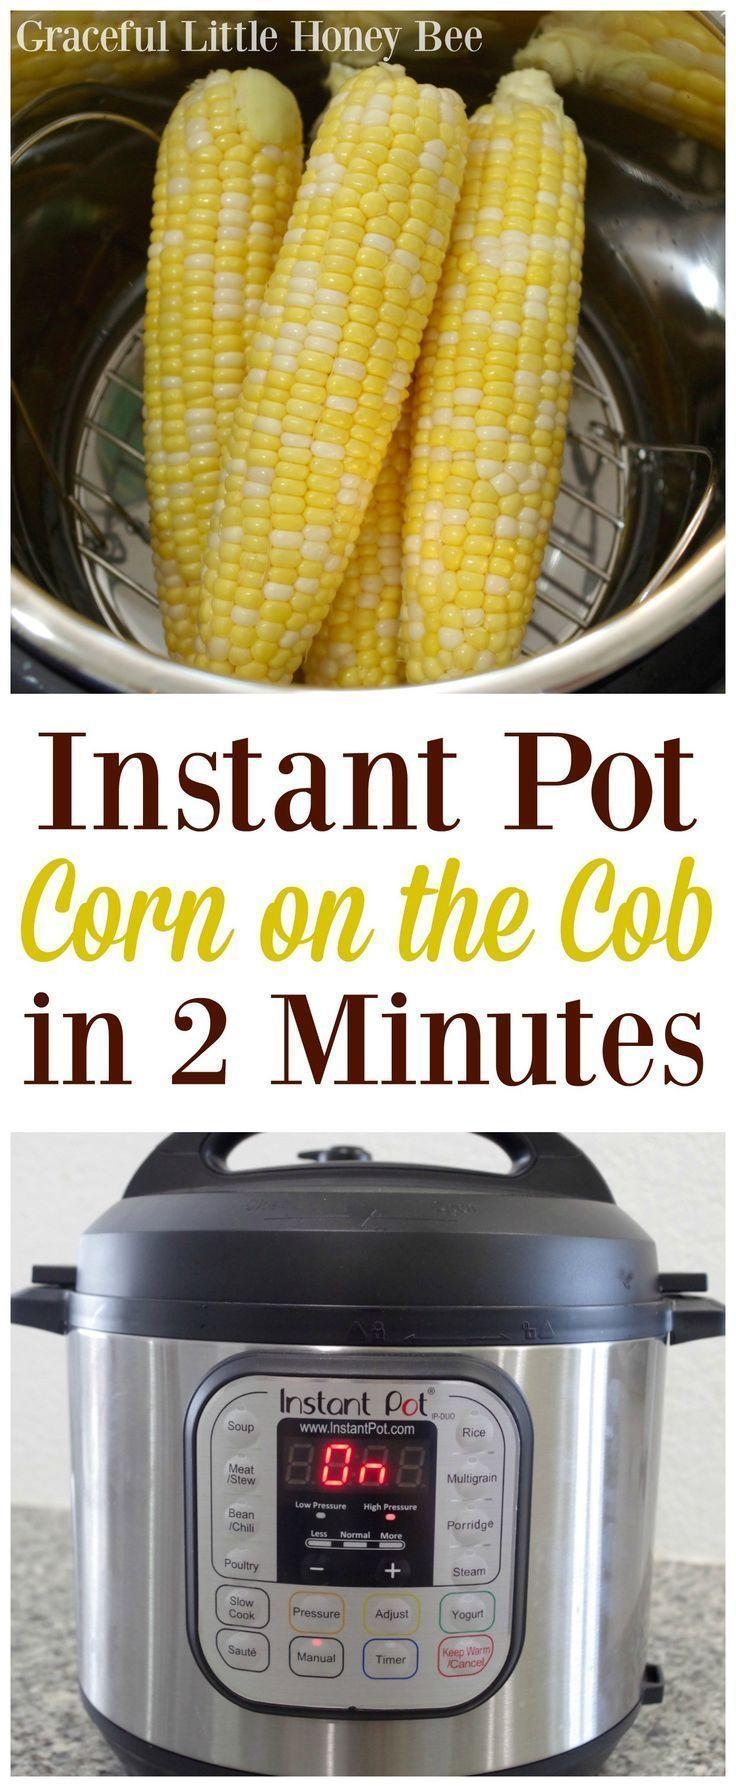 Instant Pot Corn on the Cob in 2 Minutes #instantpotrecipes